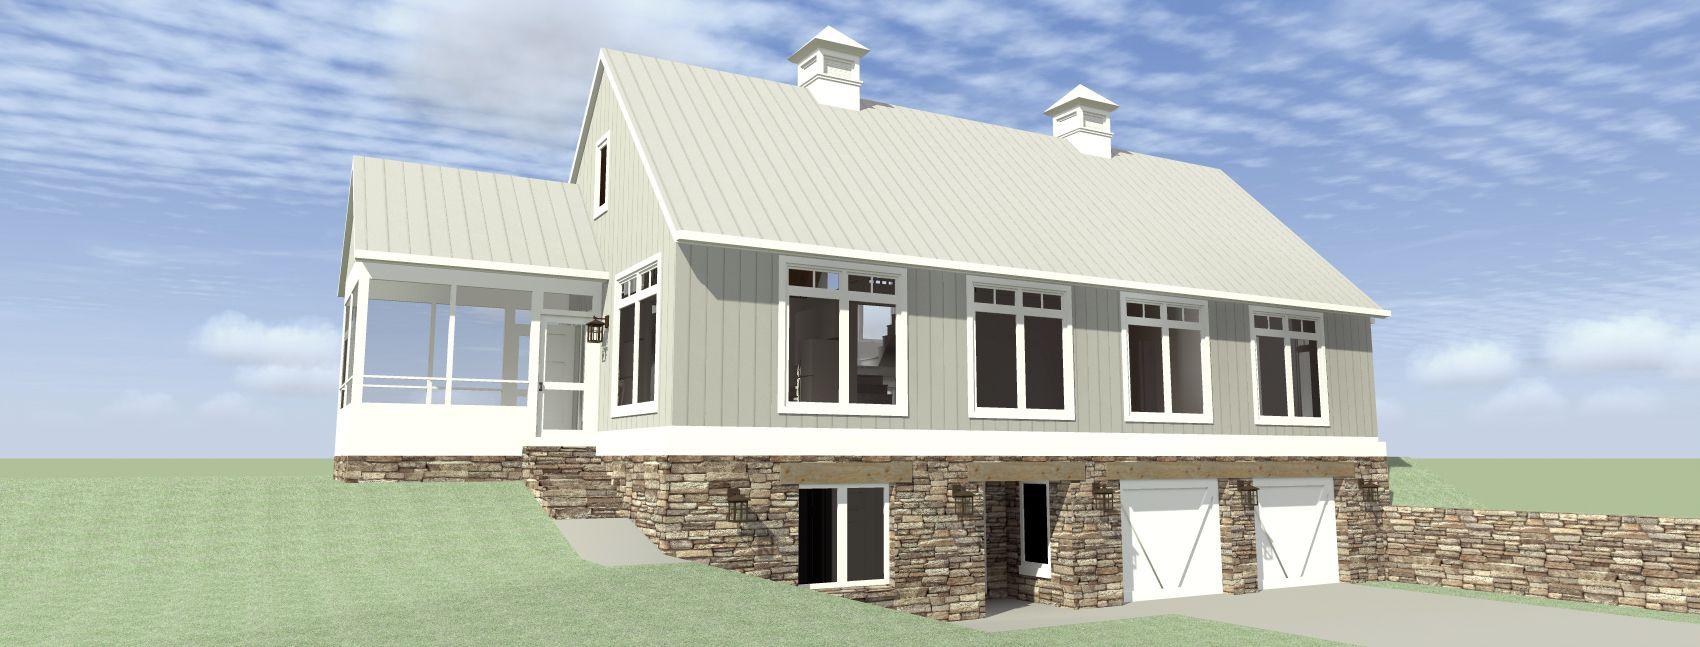 Wasilla House Plan Tyree House Plans Farmhouse Style House Plans Farmhouse Plans Barn Style House